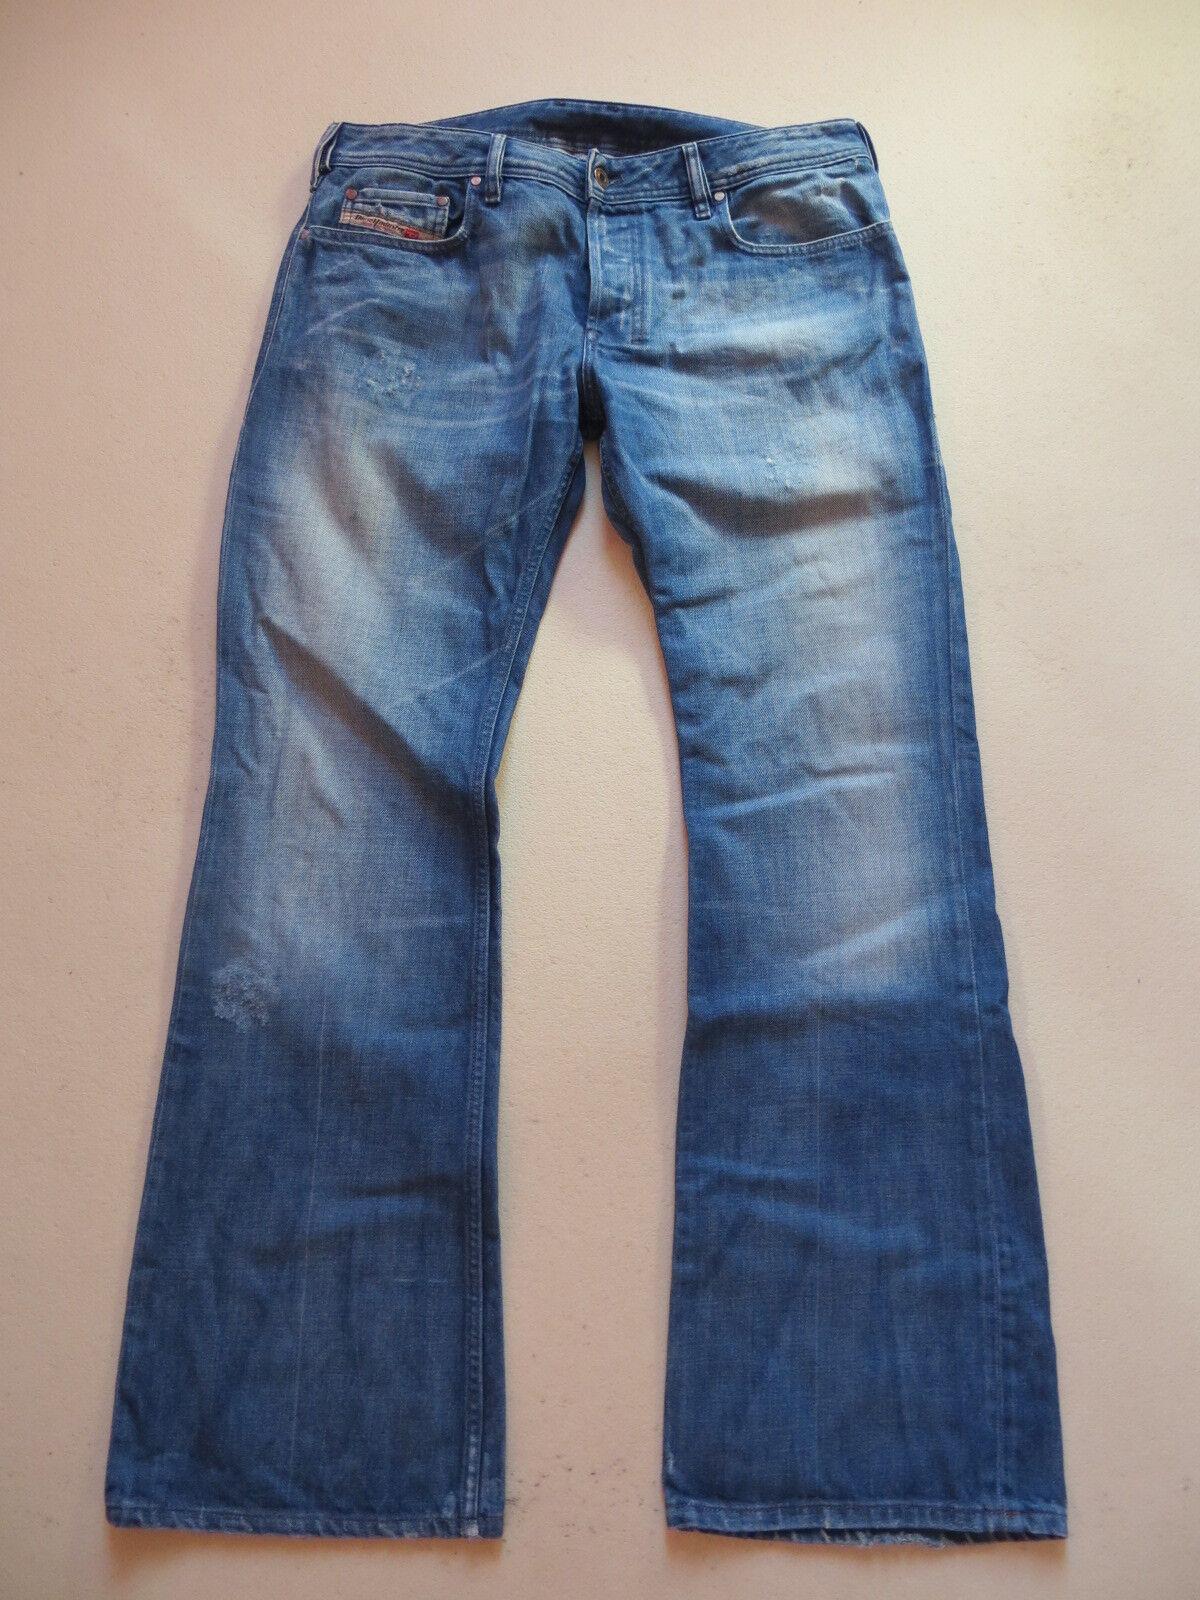 Diesel ZATHAN wash 00772 Stiefelcut Jeans Hose W 33  L 32 Vintage Denim RARITÄT